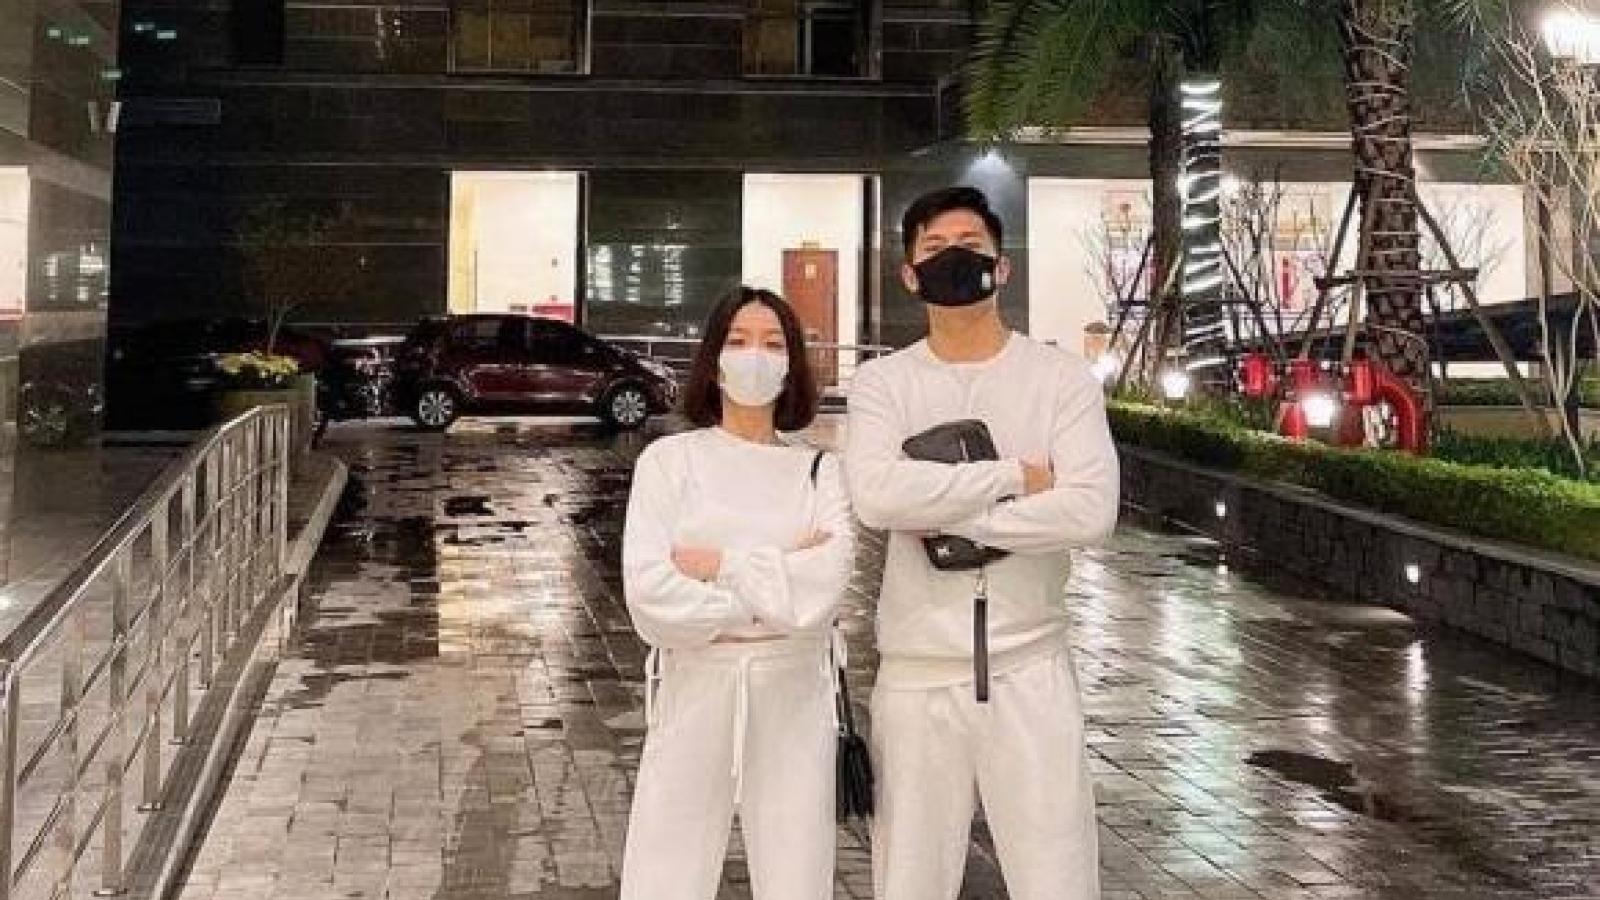 Chuyện showbiz: Lệ Quyên và tình trẻ diện đồ đôi, cùng nhau về quê đón Tết